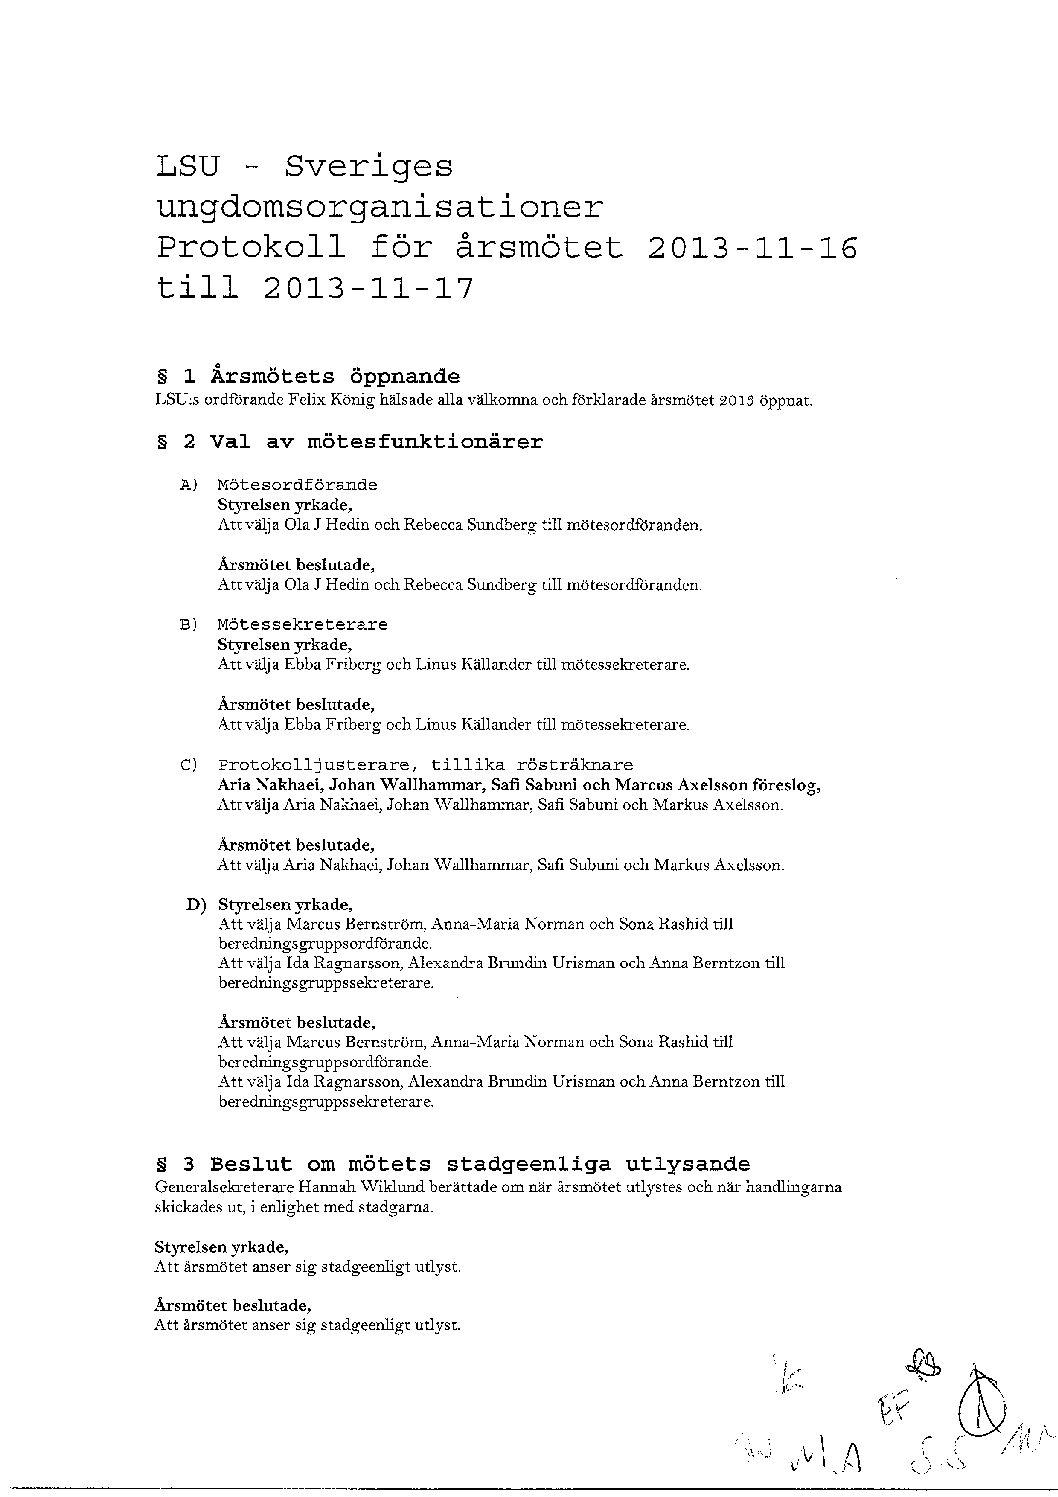 Årsmötesprotokoll 2013-11-16_signerat